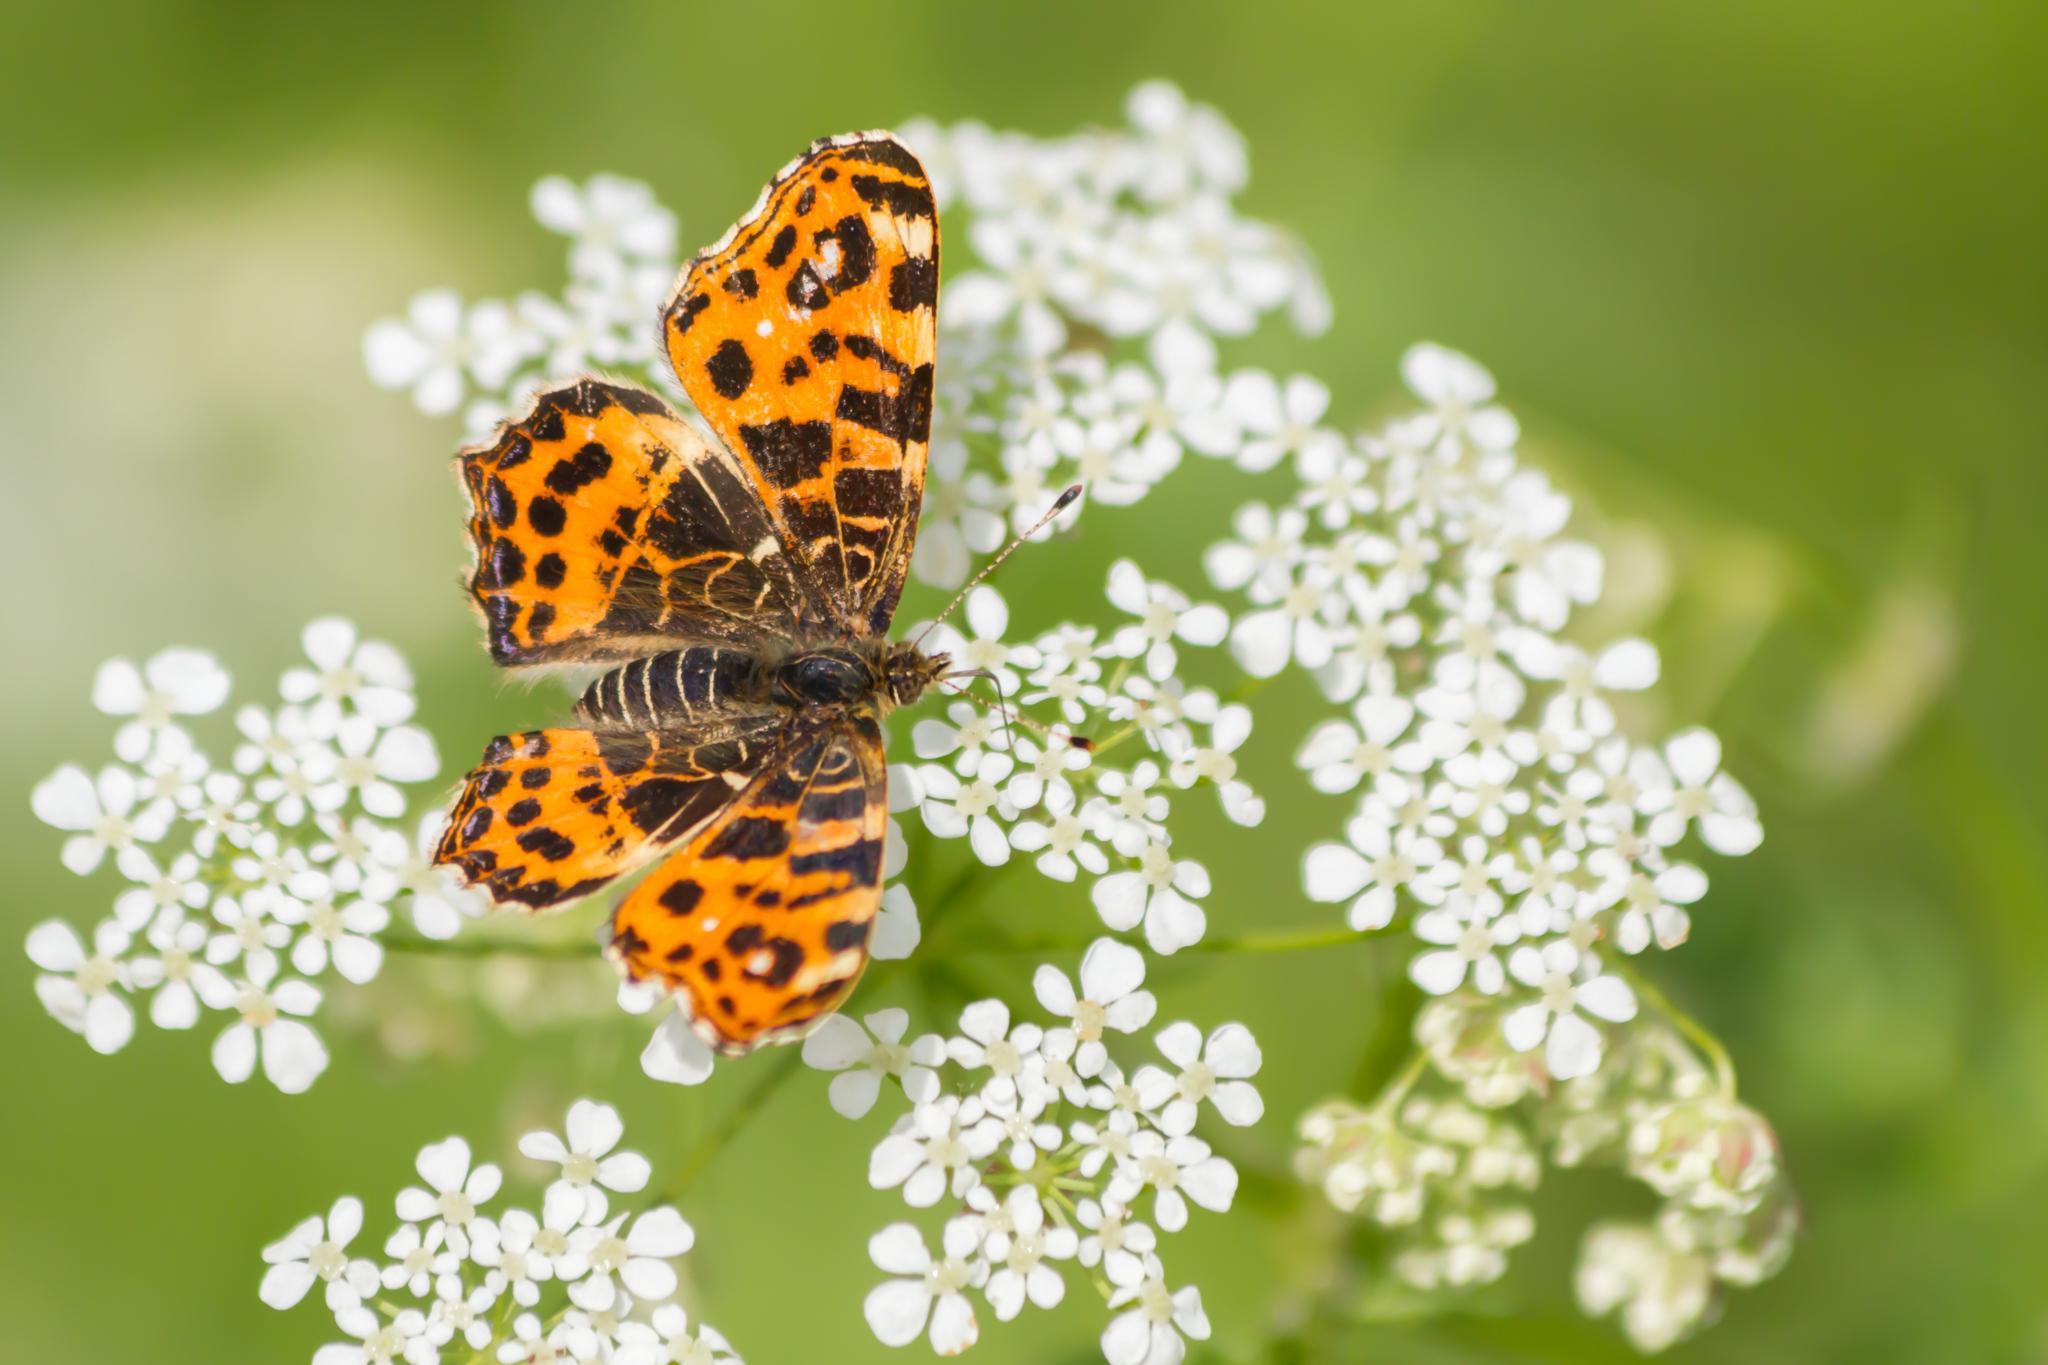 Landkaartje, Vlinder, Vlinders, Dagvlinders, Insecten, Insect, Dagvlinder